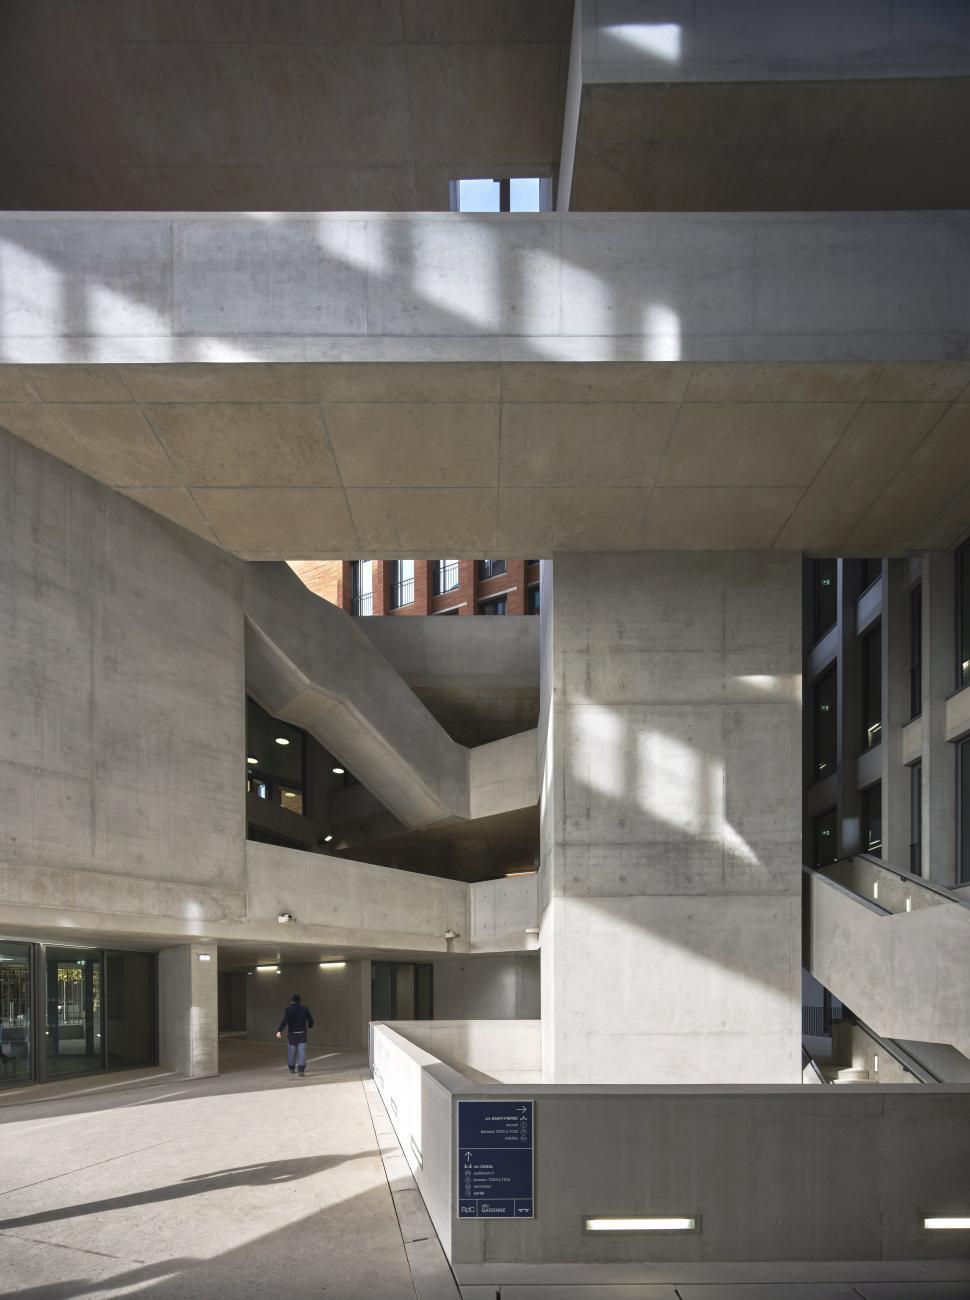 Université Toulouse 1 Capitole, School of Economics